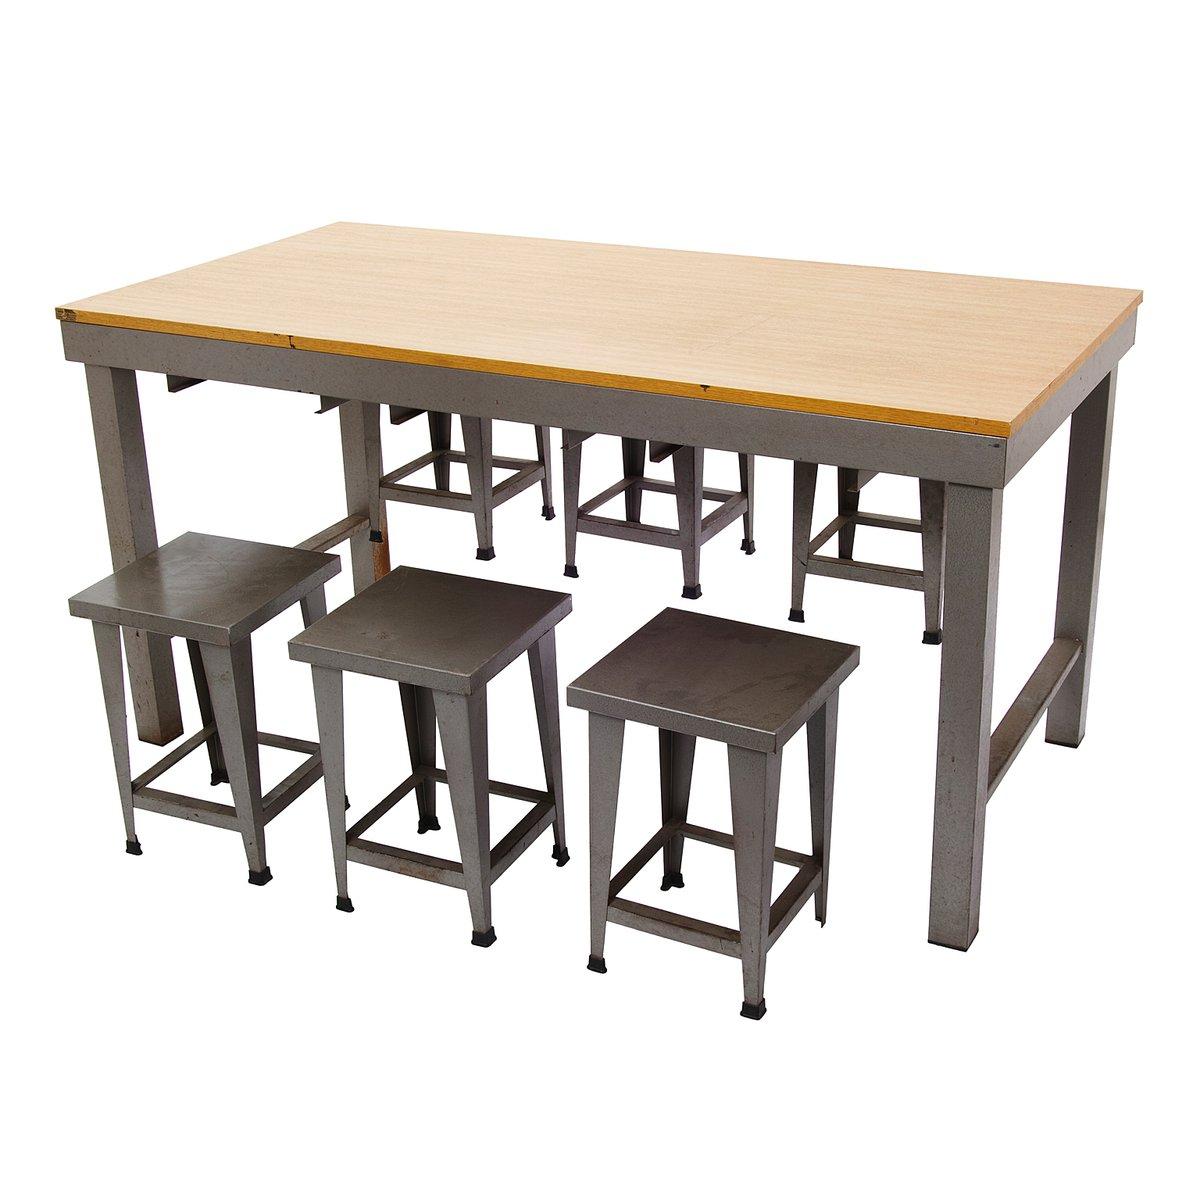 vintage tisch mit hockern im industriellen stil bei pamono kaufen. Black Bedroom Furniture Sets. Home Design Ideas